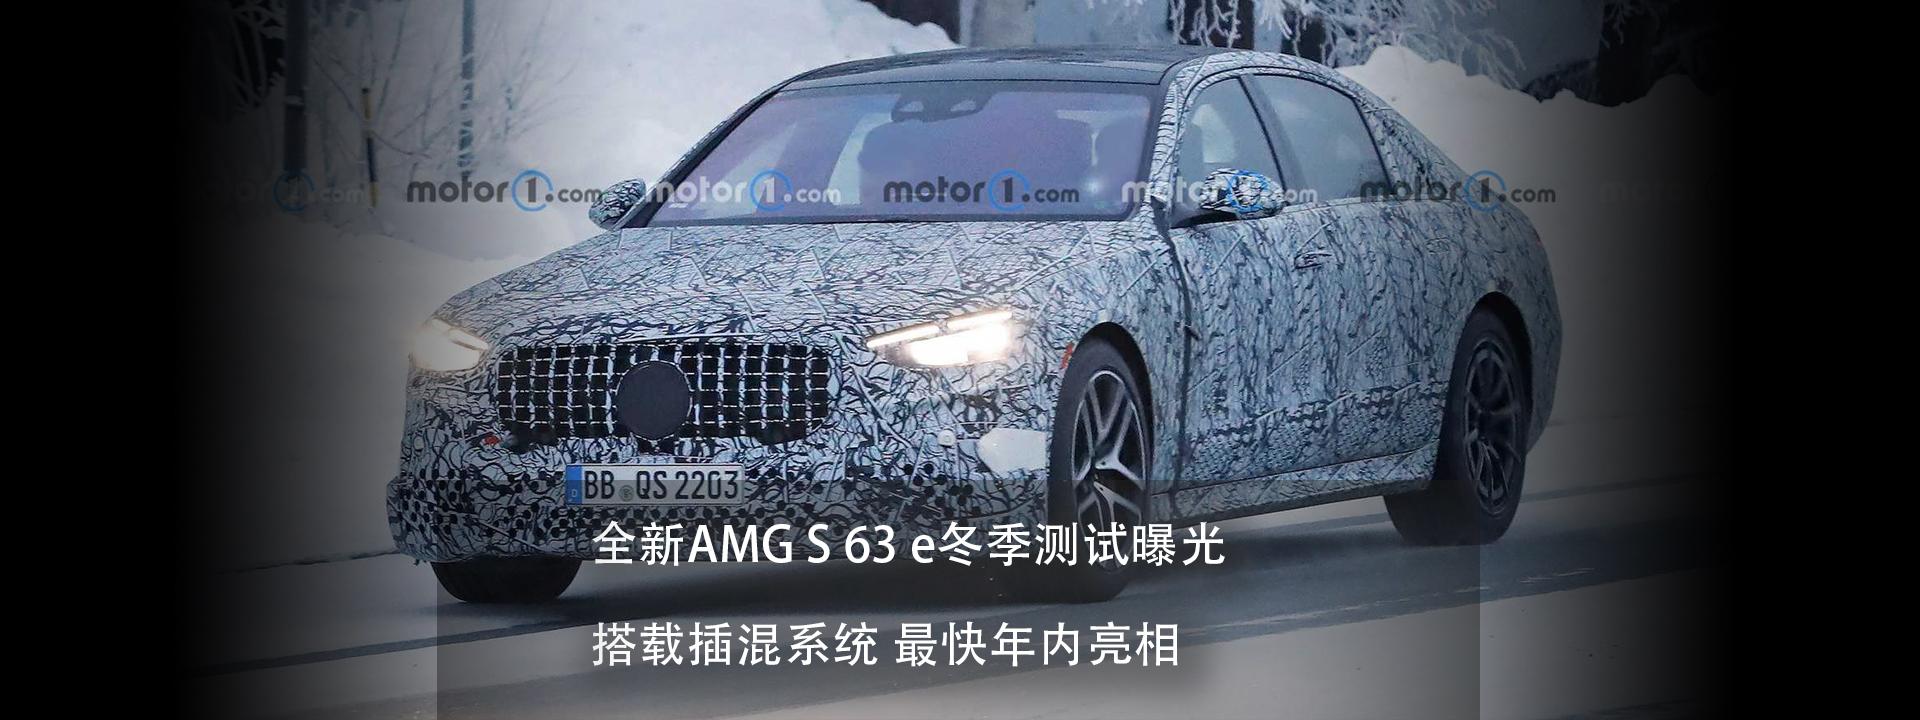 全新AMG S 63 e冬季测试曝光 搭载插混系统 最快年内亮相